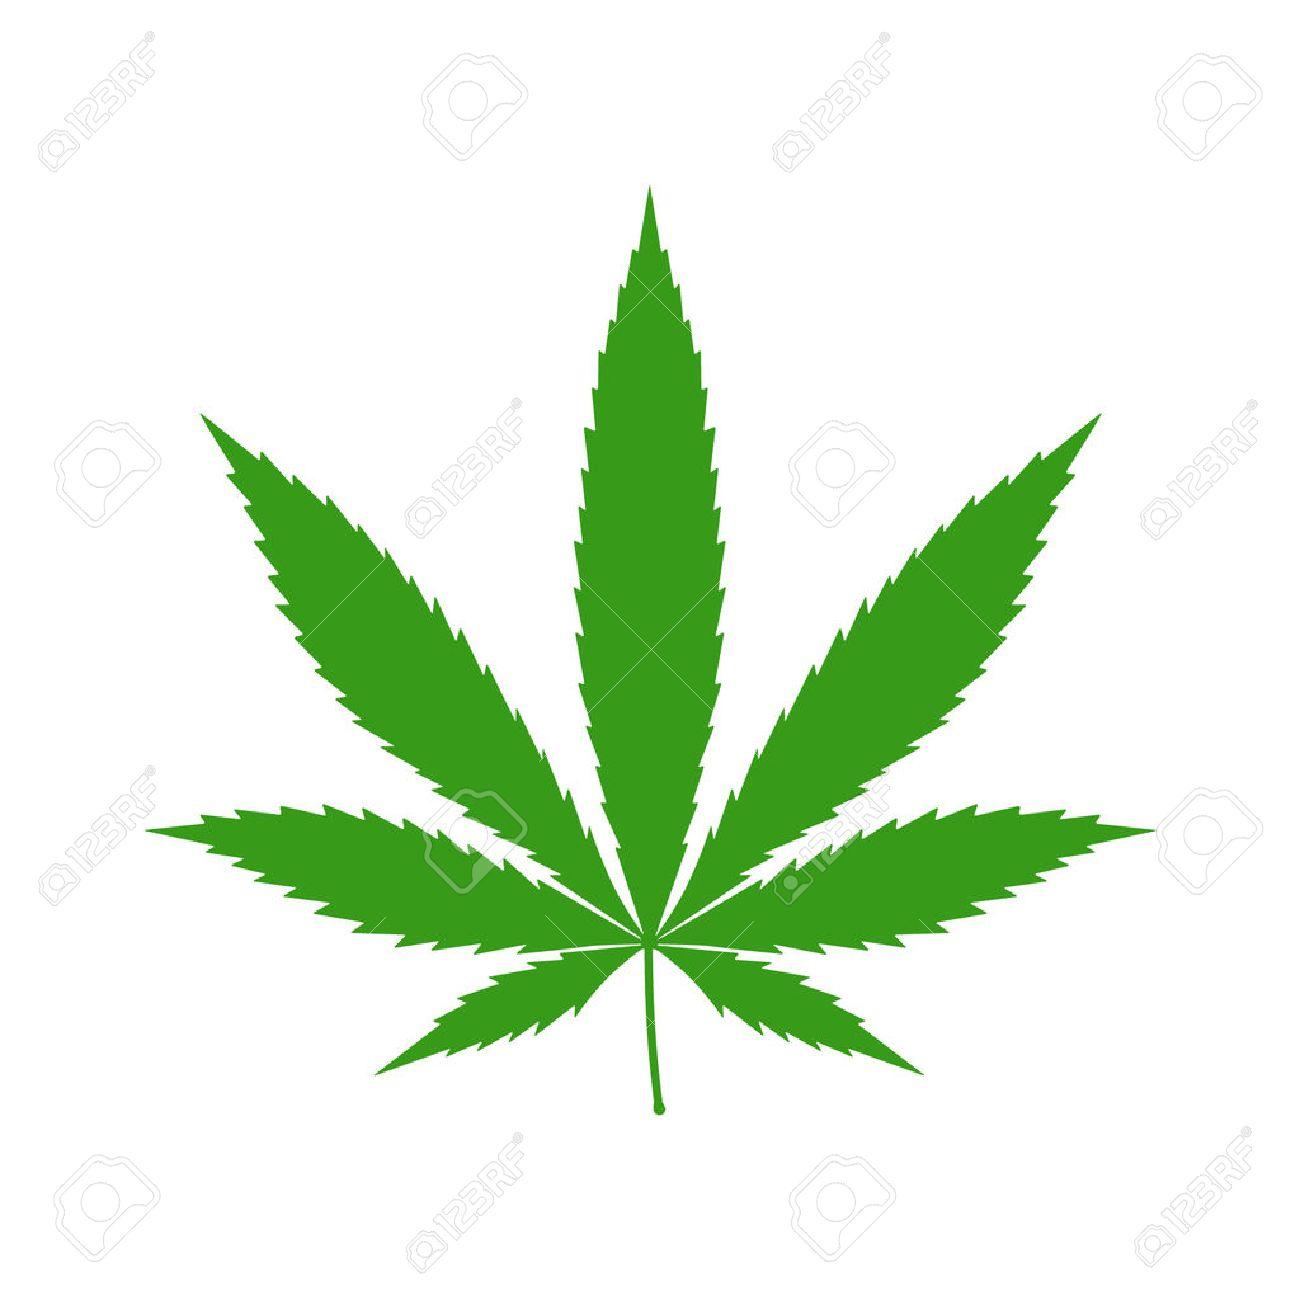 13586 Marijuana Cliparts Stock Vector And Royalty Free Marijuana